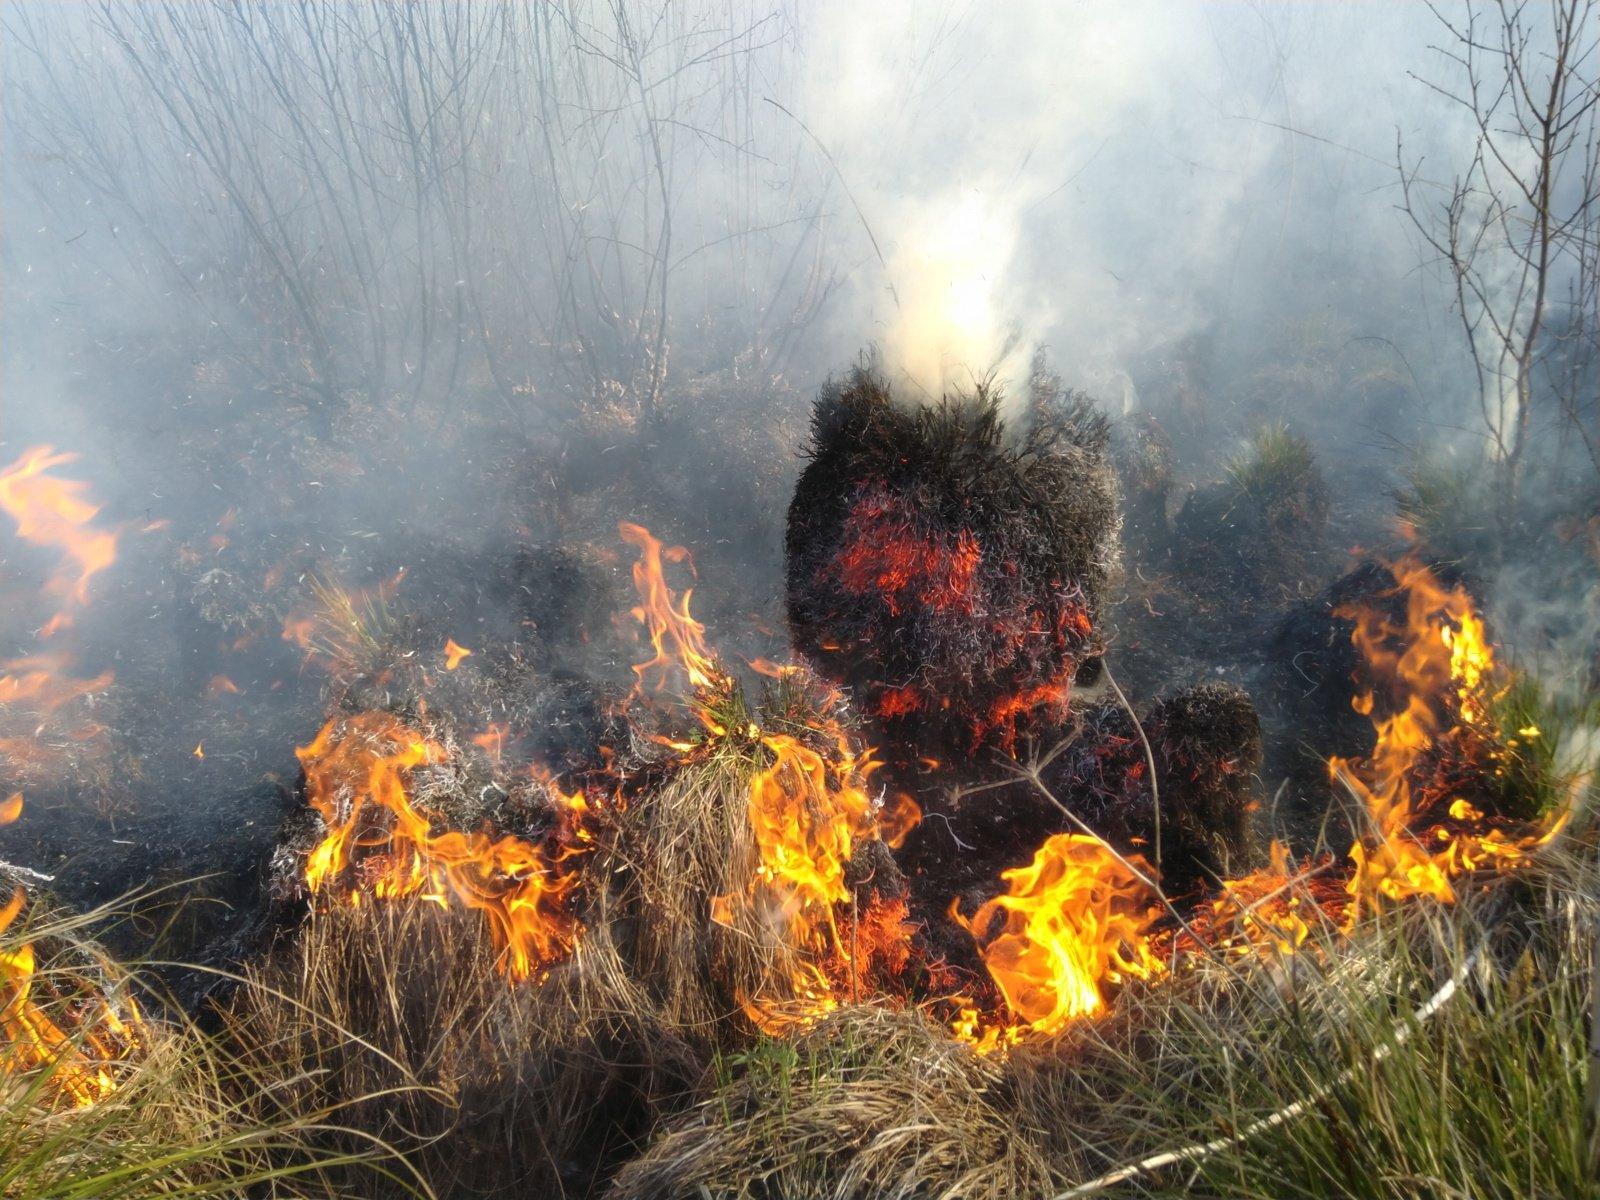 Miškininkai įspėja dėl didelio miškų gaisringumo